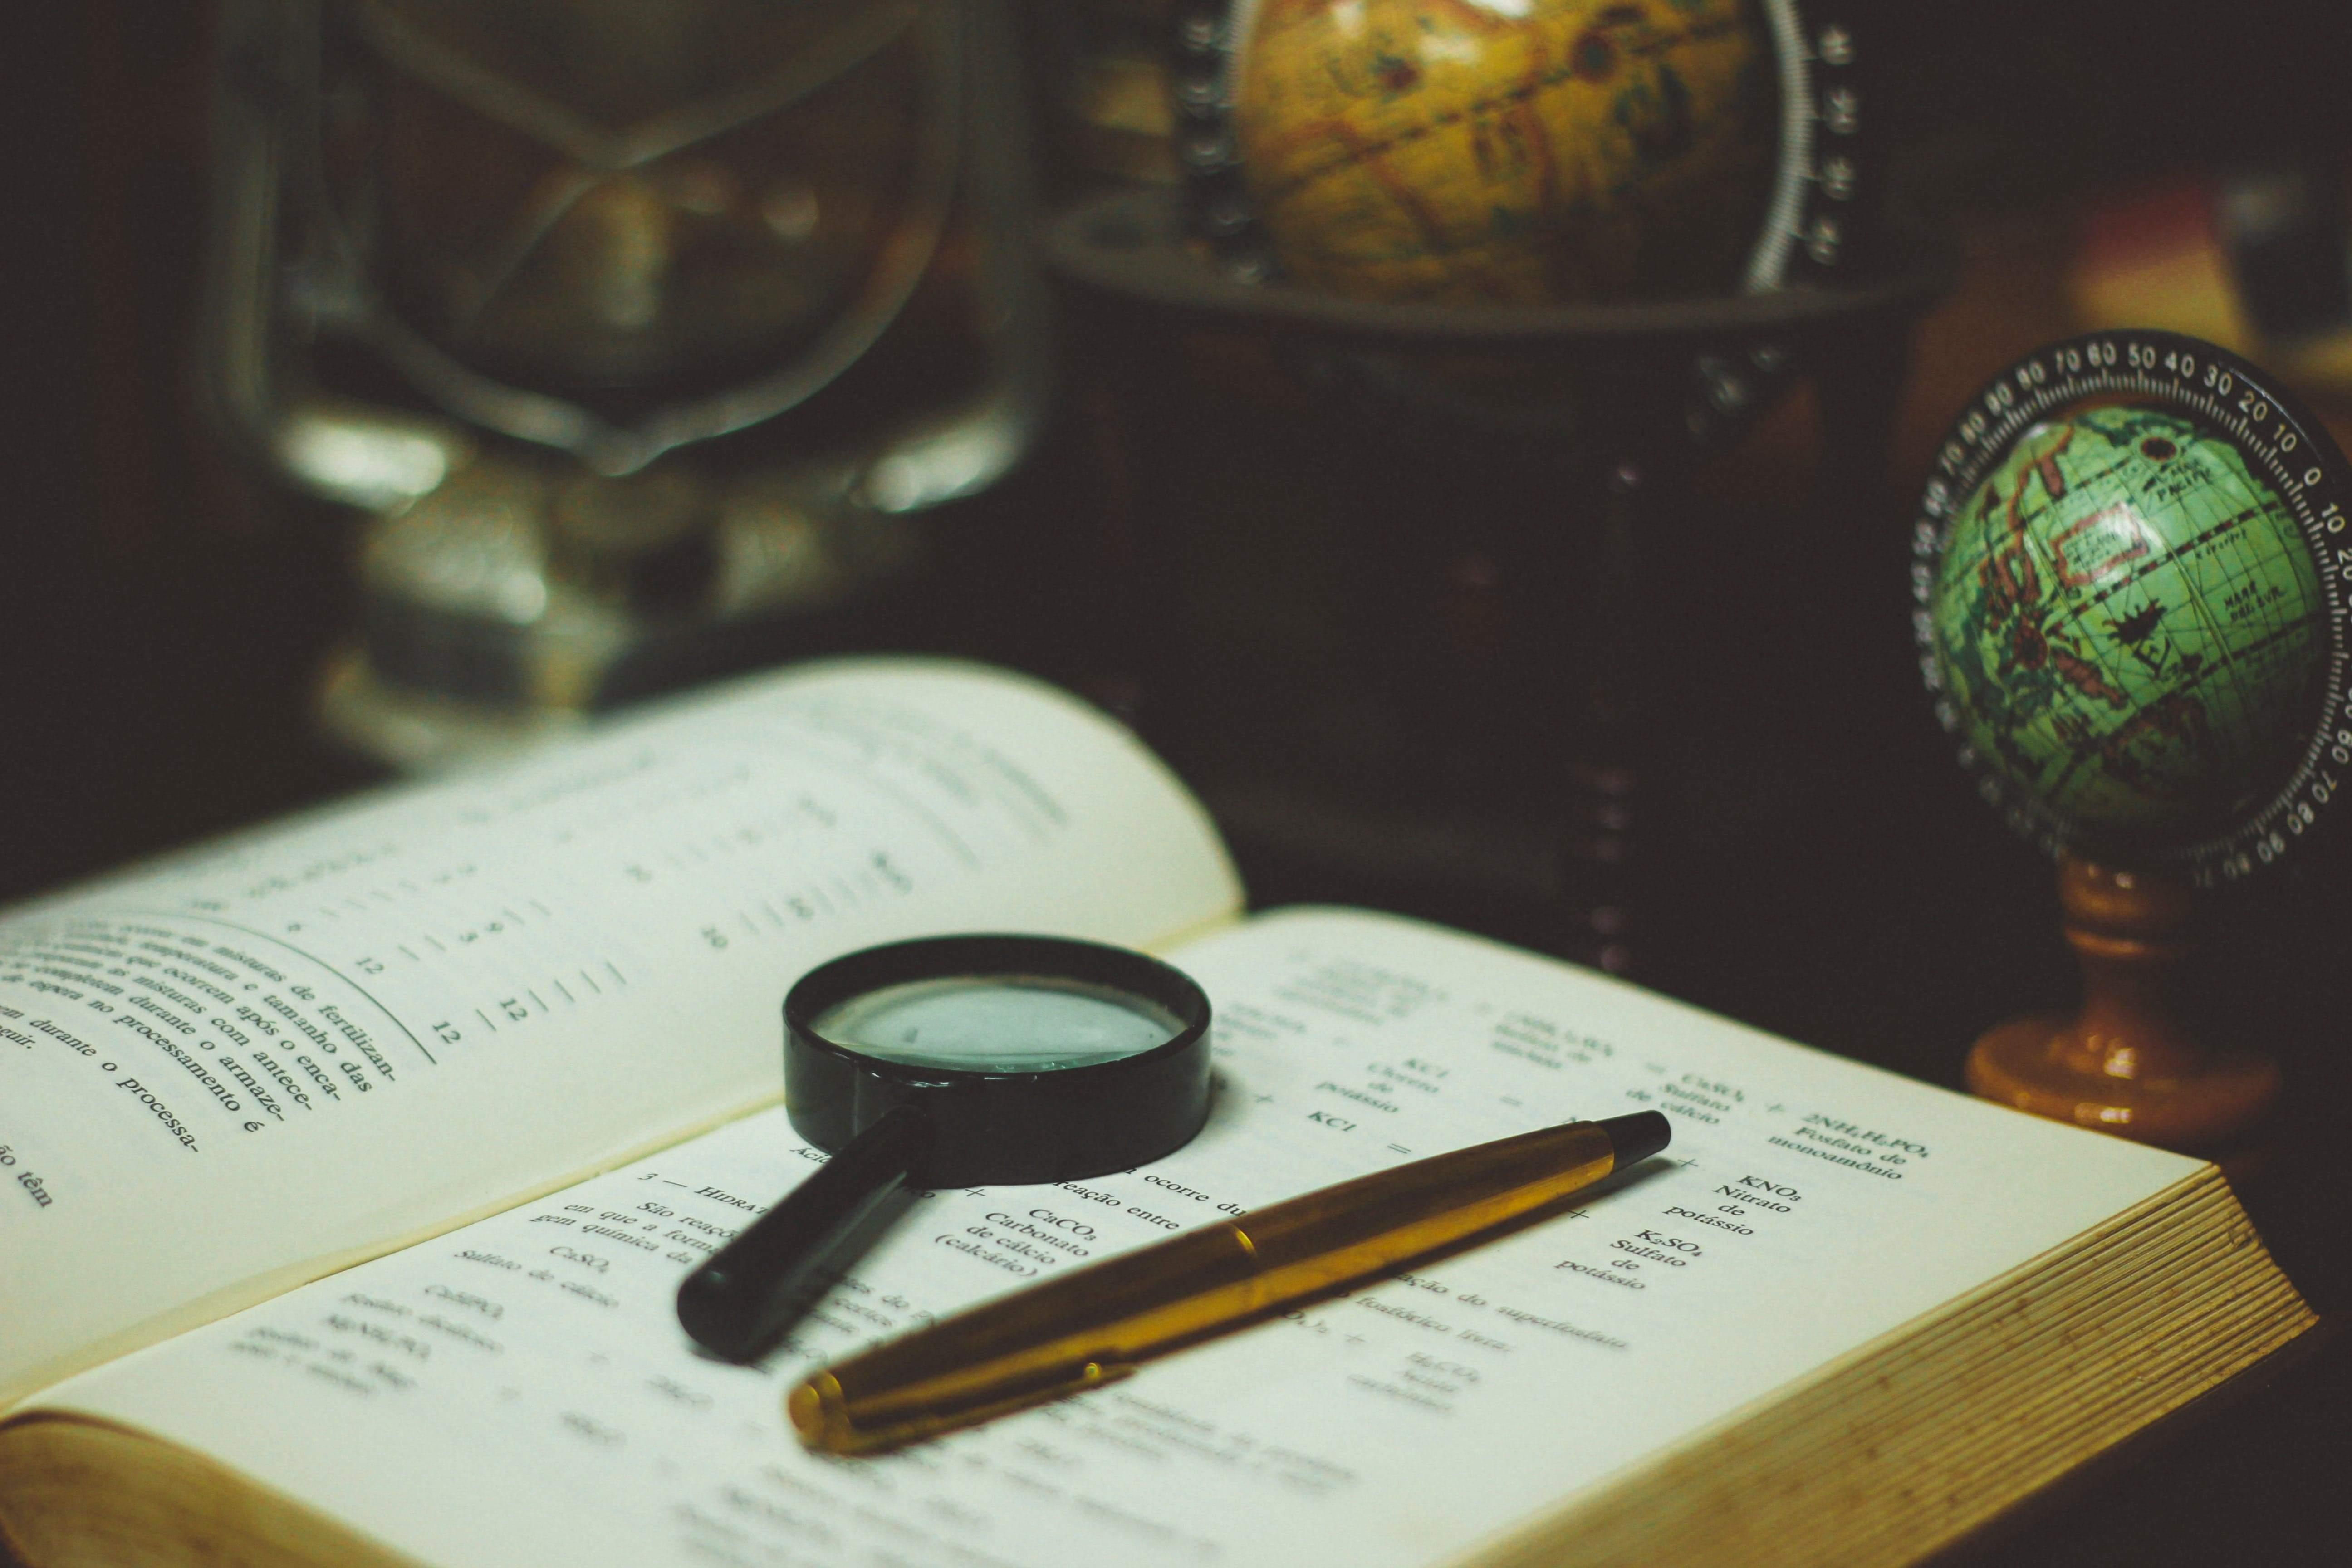 credito d'imposta per ricerca e sviluppo